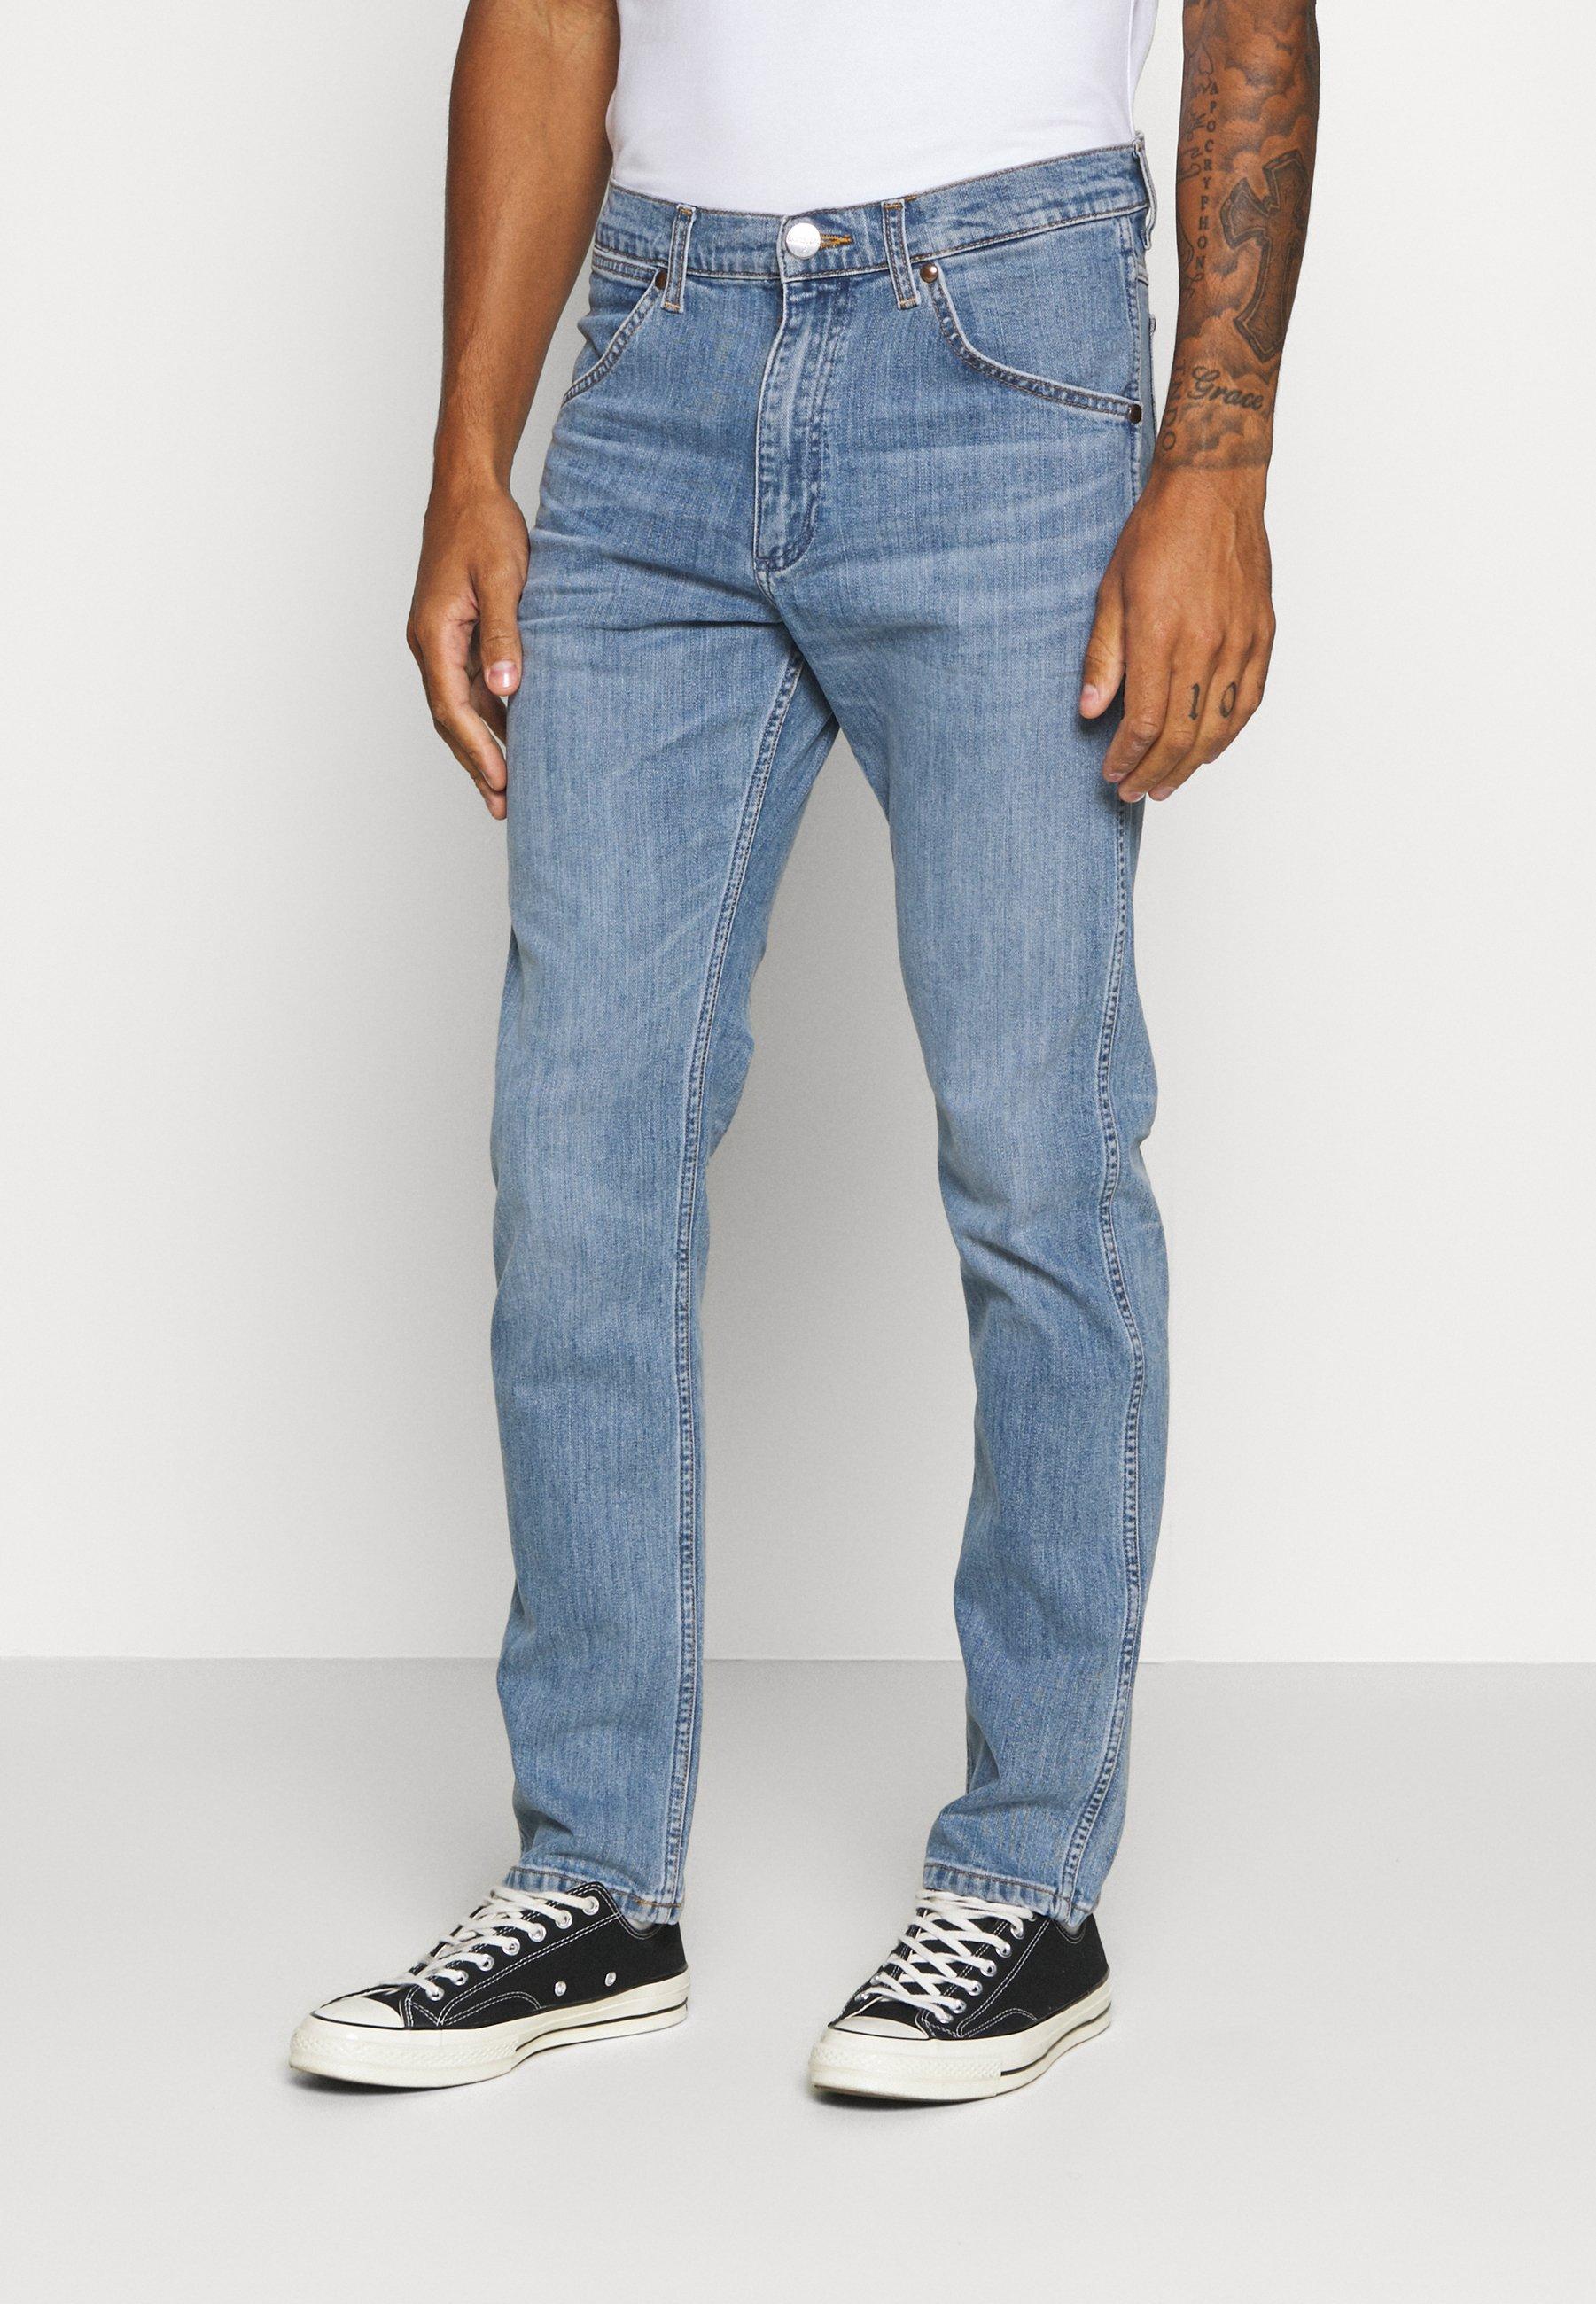 11MWZ Jeans slim fit light blue denim